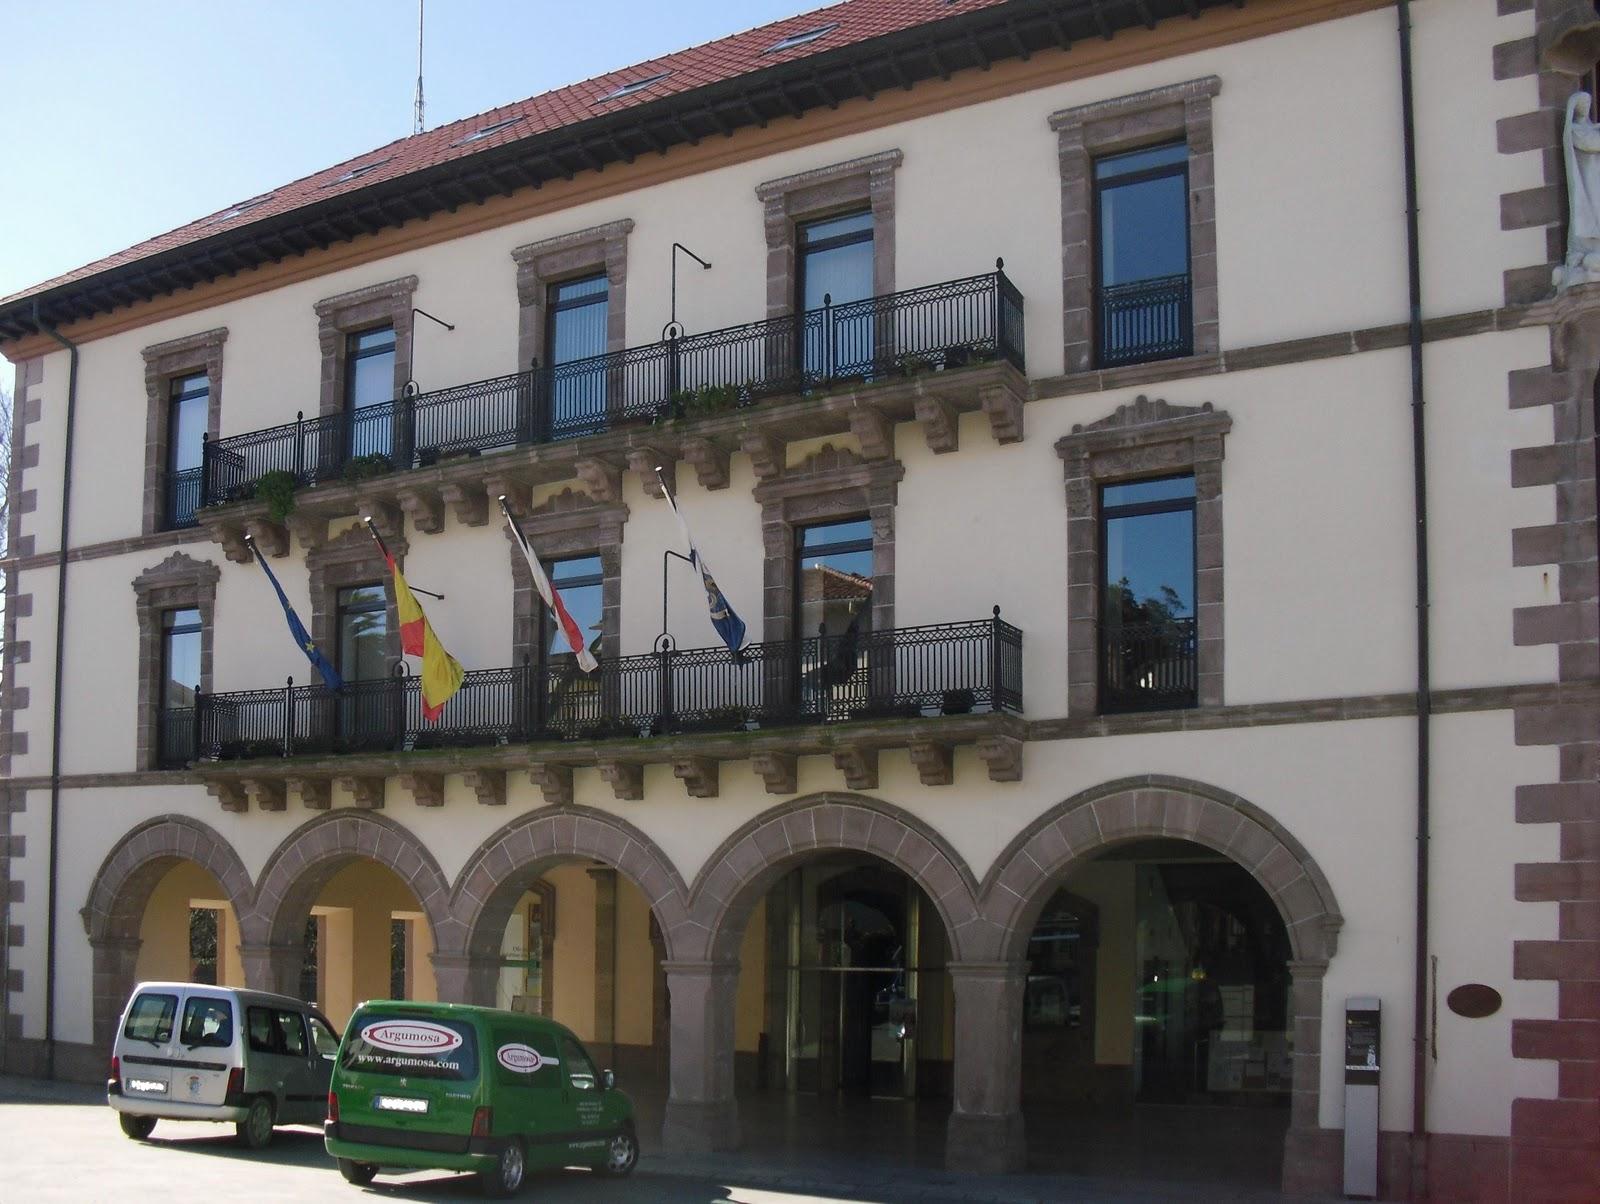 La ciudad habla 2011 03 2011 04 for Oficina de turismo de comillas